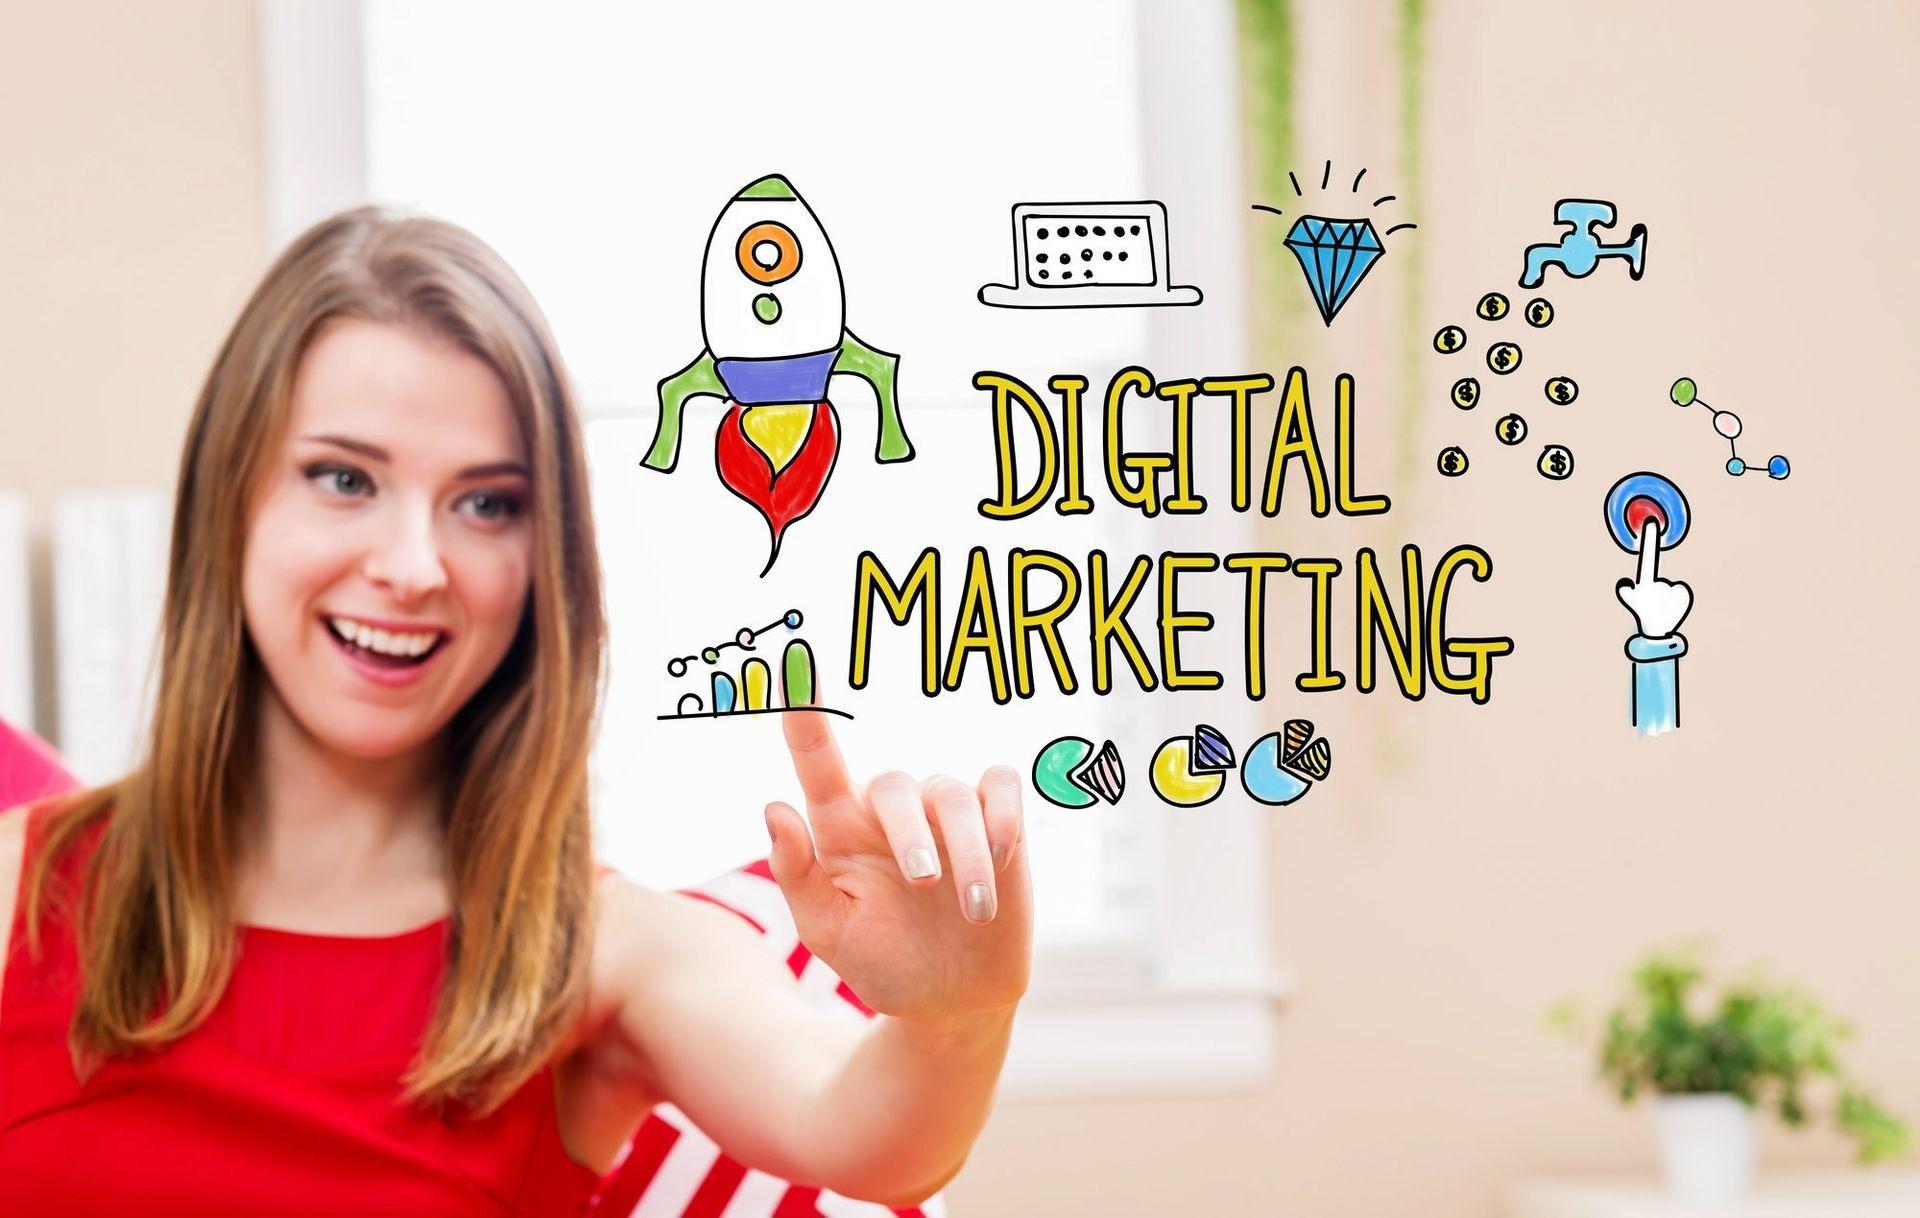 qu-es-el-marketing-digital-digital-marketing